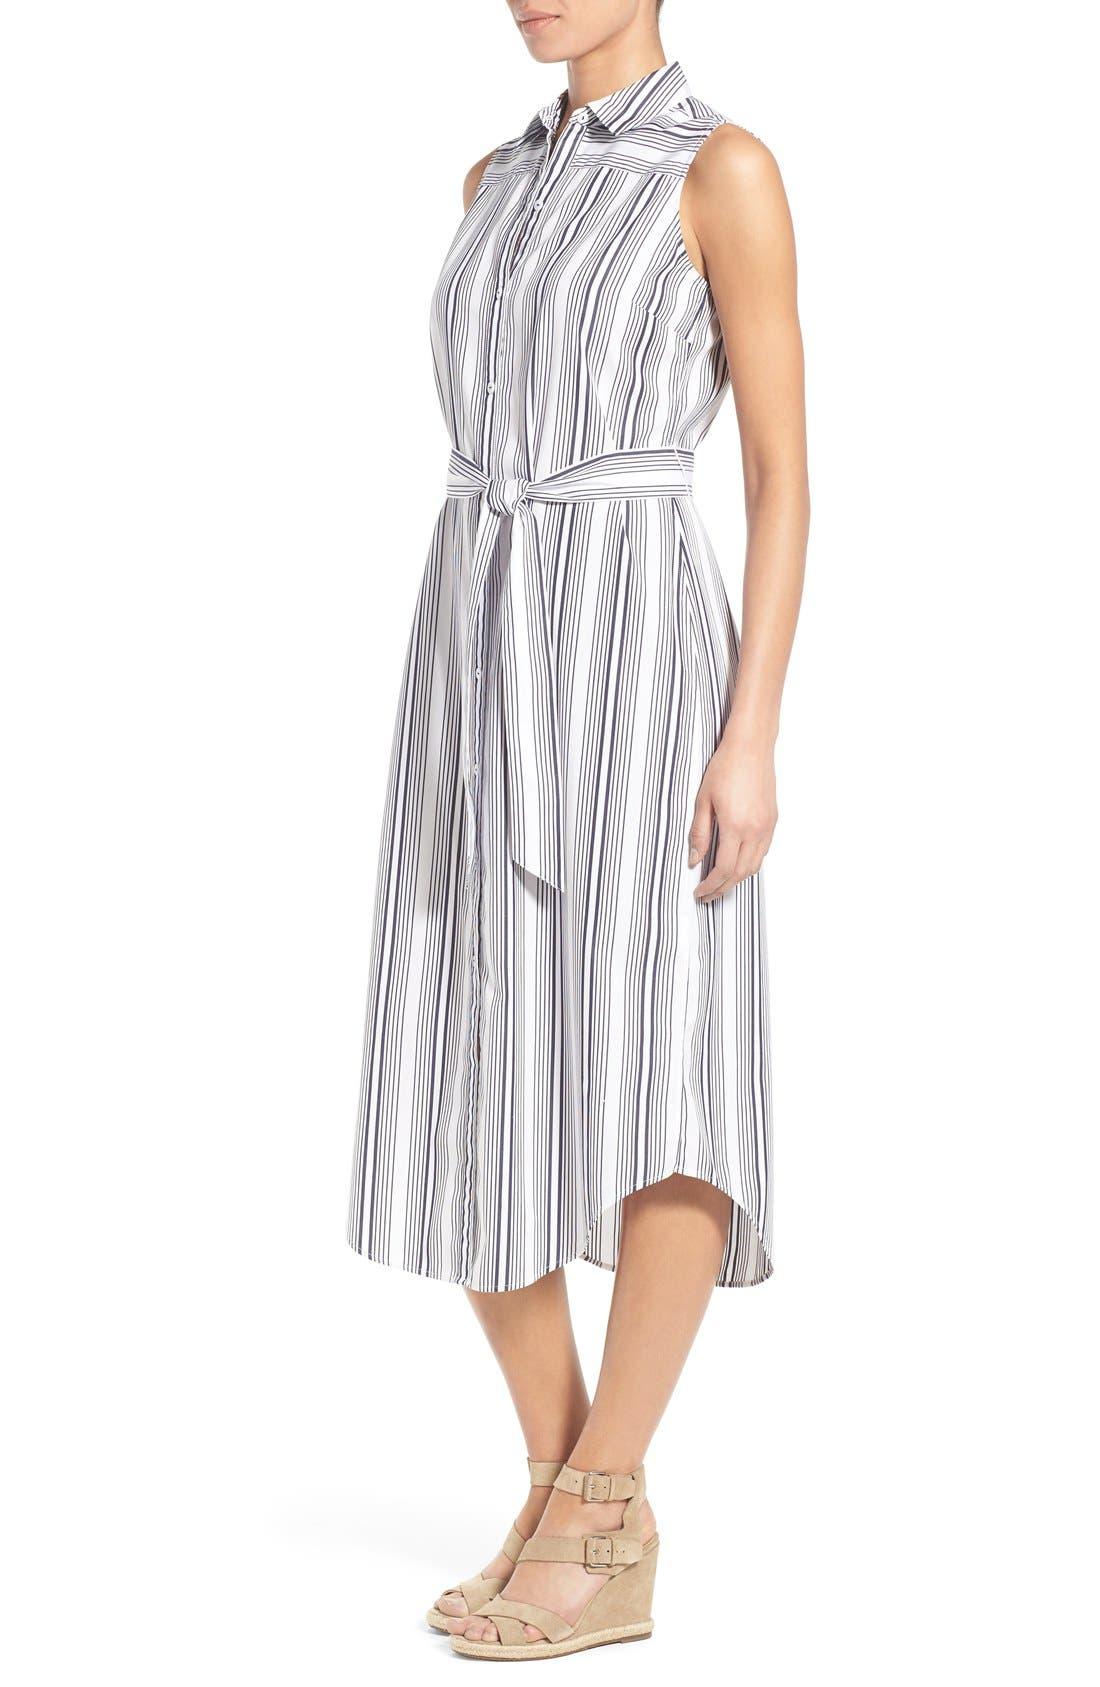 Alternate Image 3  - Foxcroft Stripe Non-Iron Cotton Sleeveless Maxi Shirtdress (Regular & Petite)